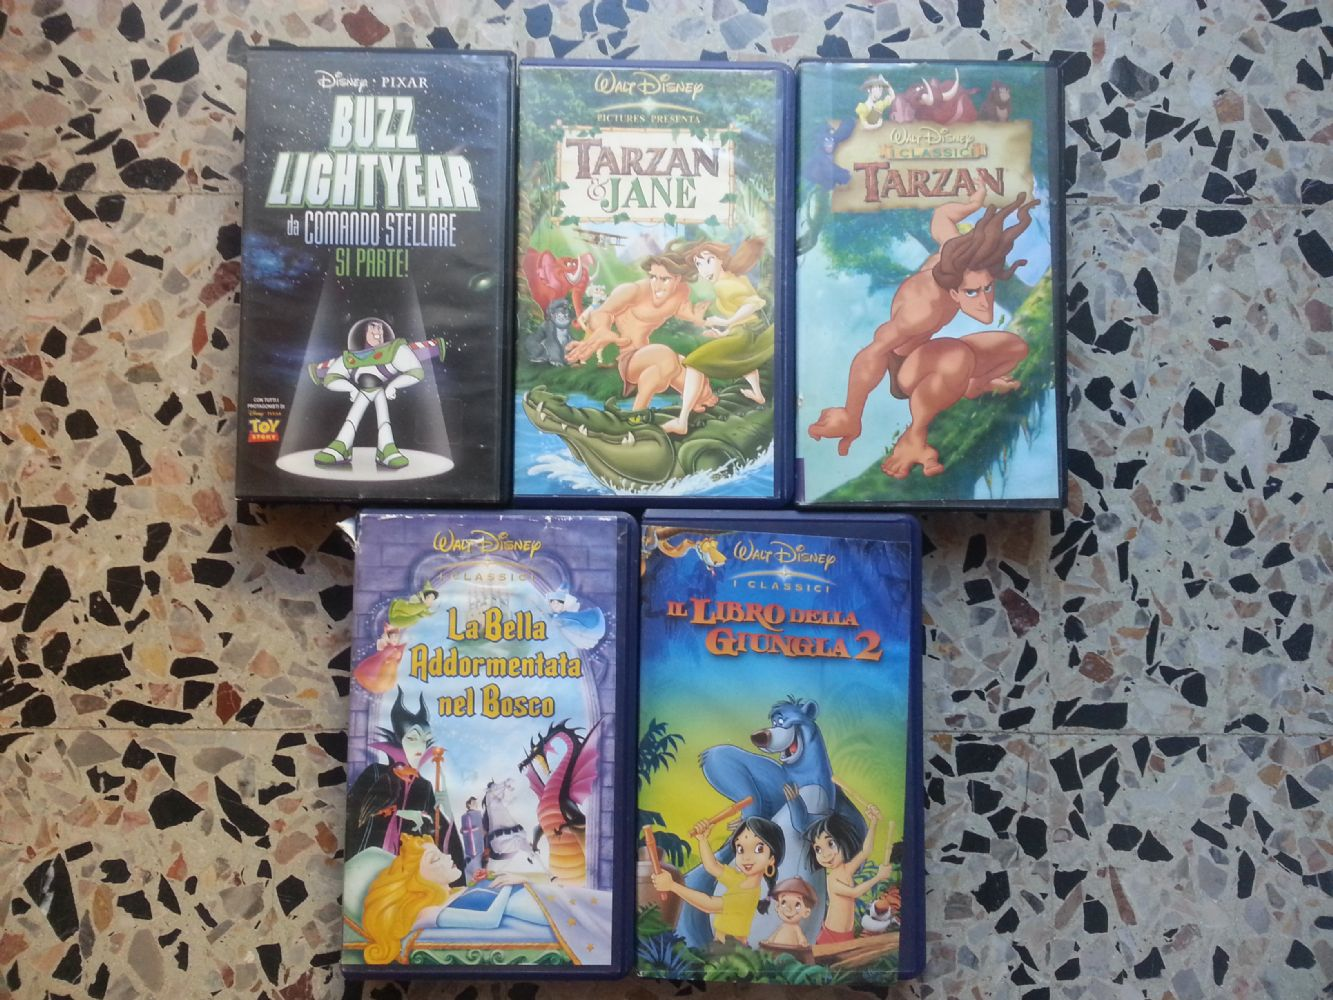 Baratto scambio lotto vhs cartoni animati musica e film film e